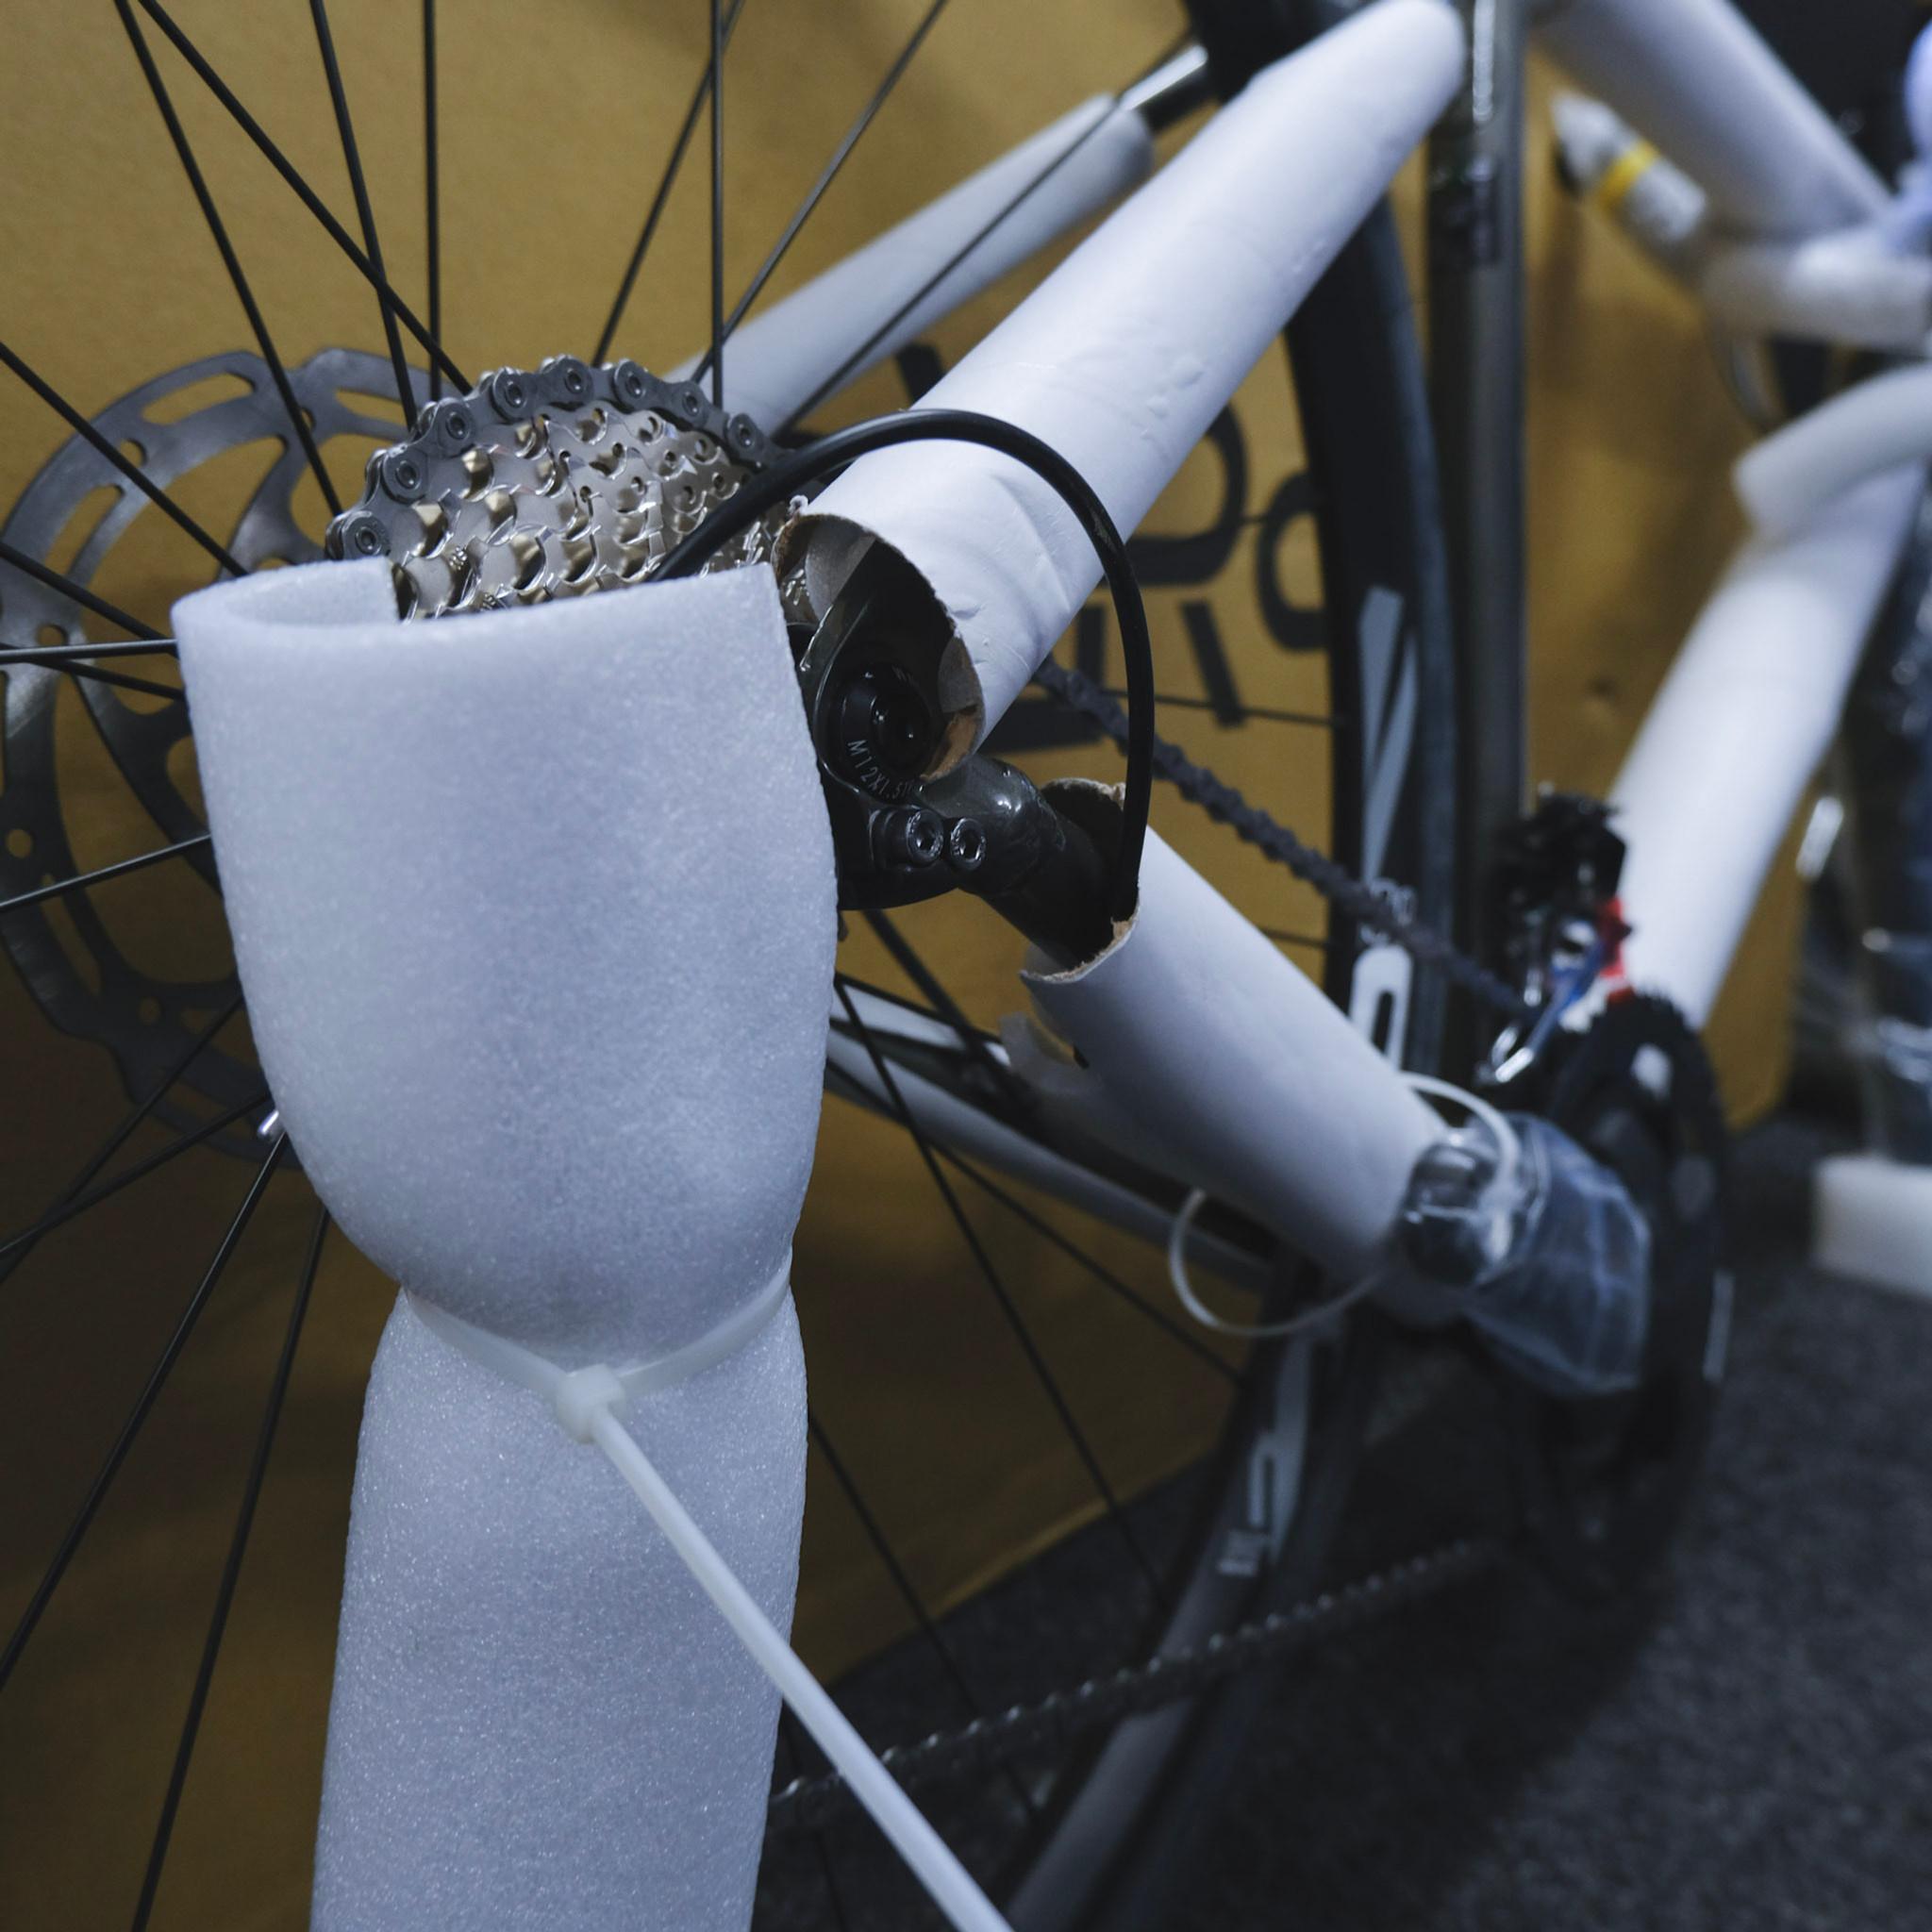 Bike in a box build